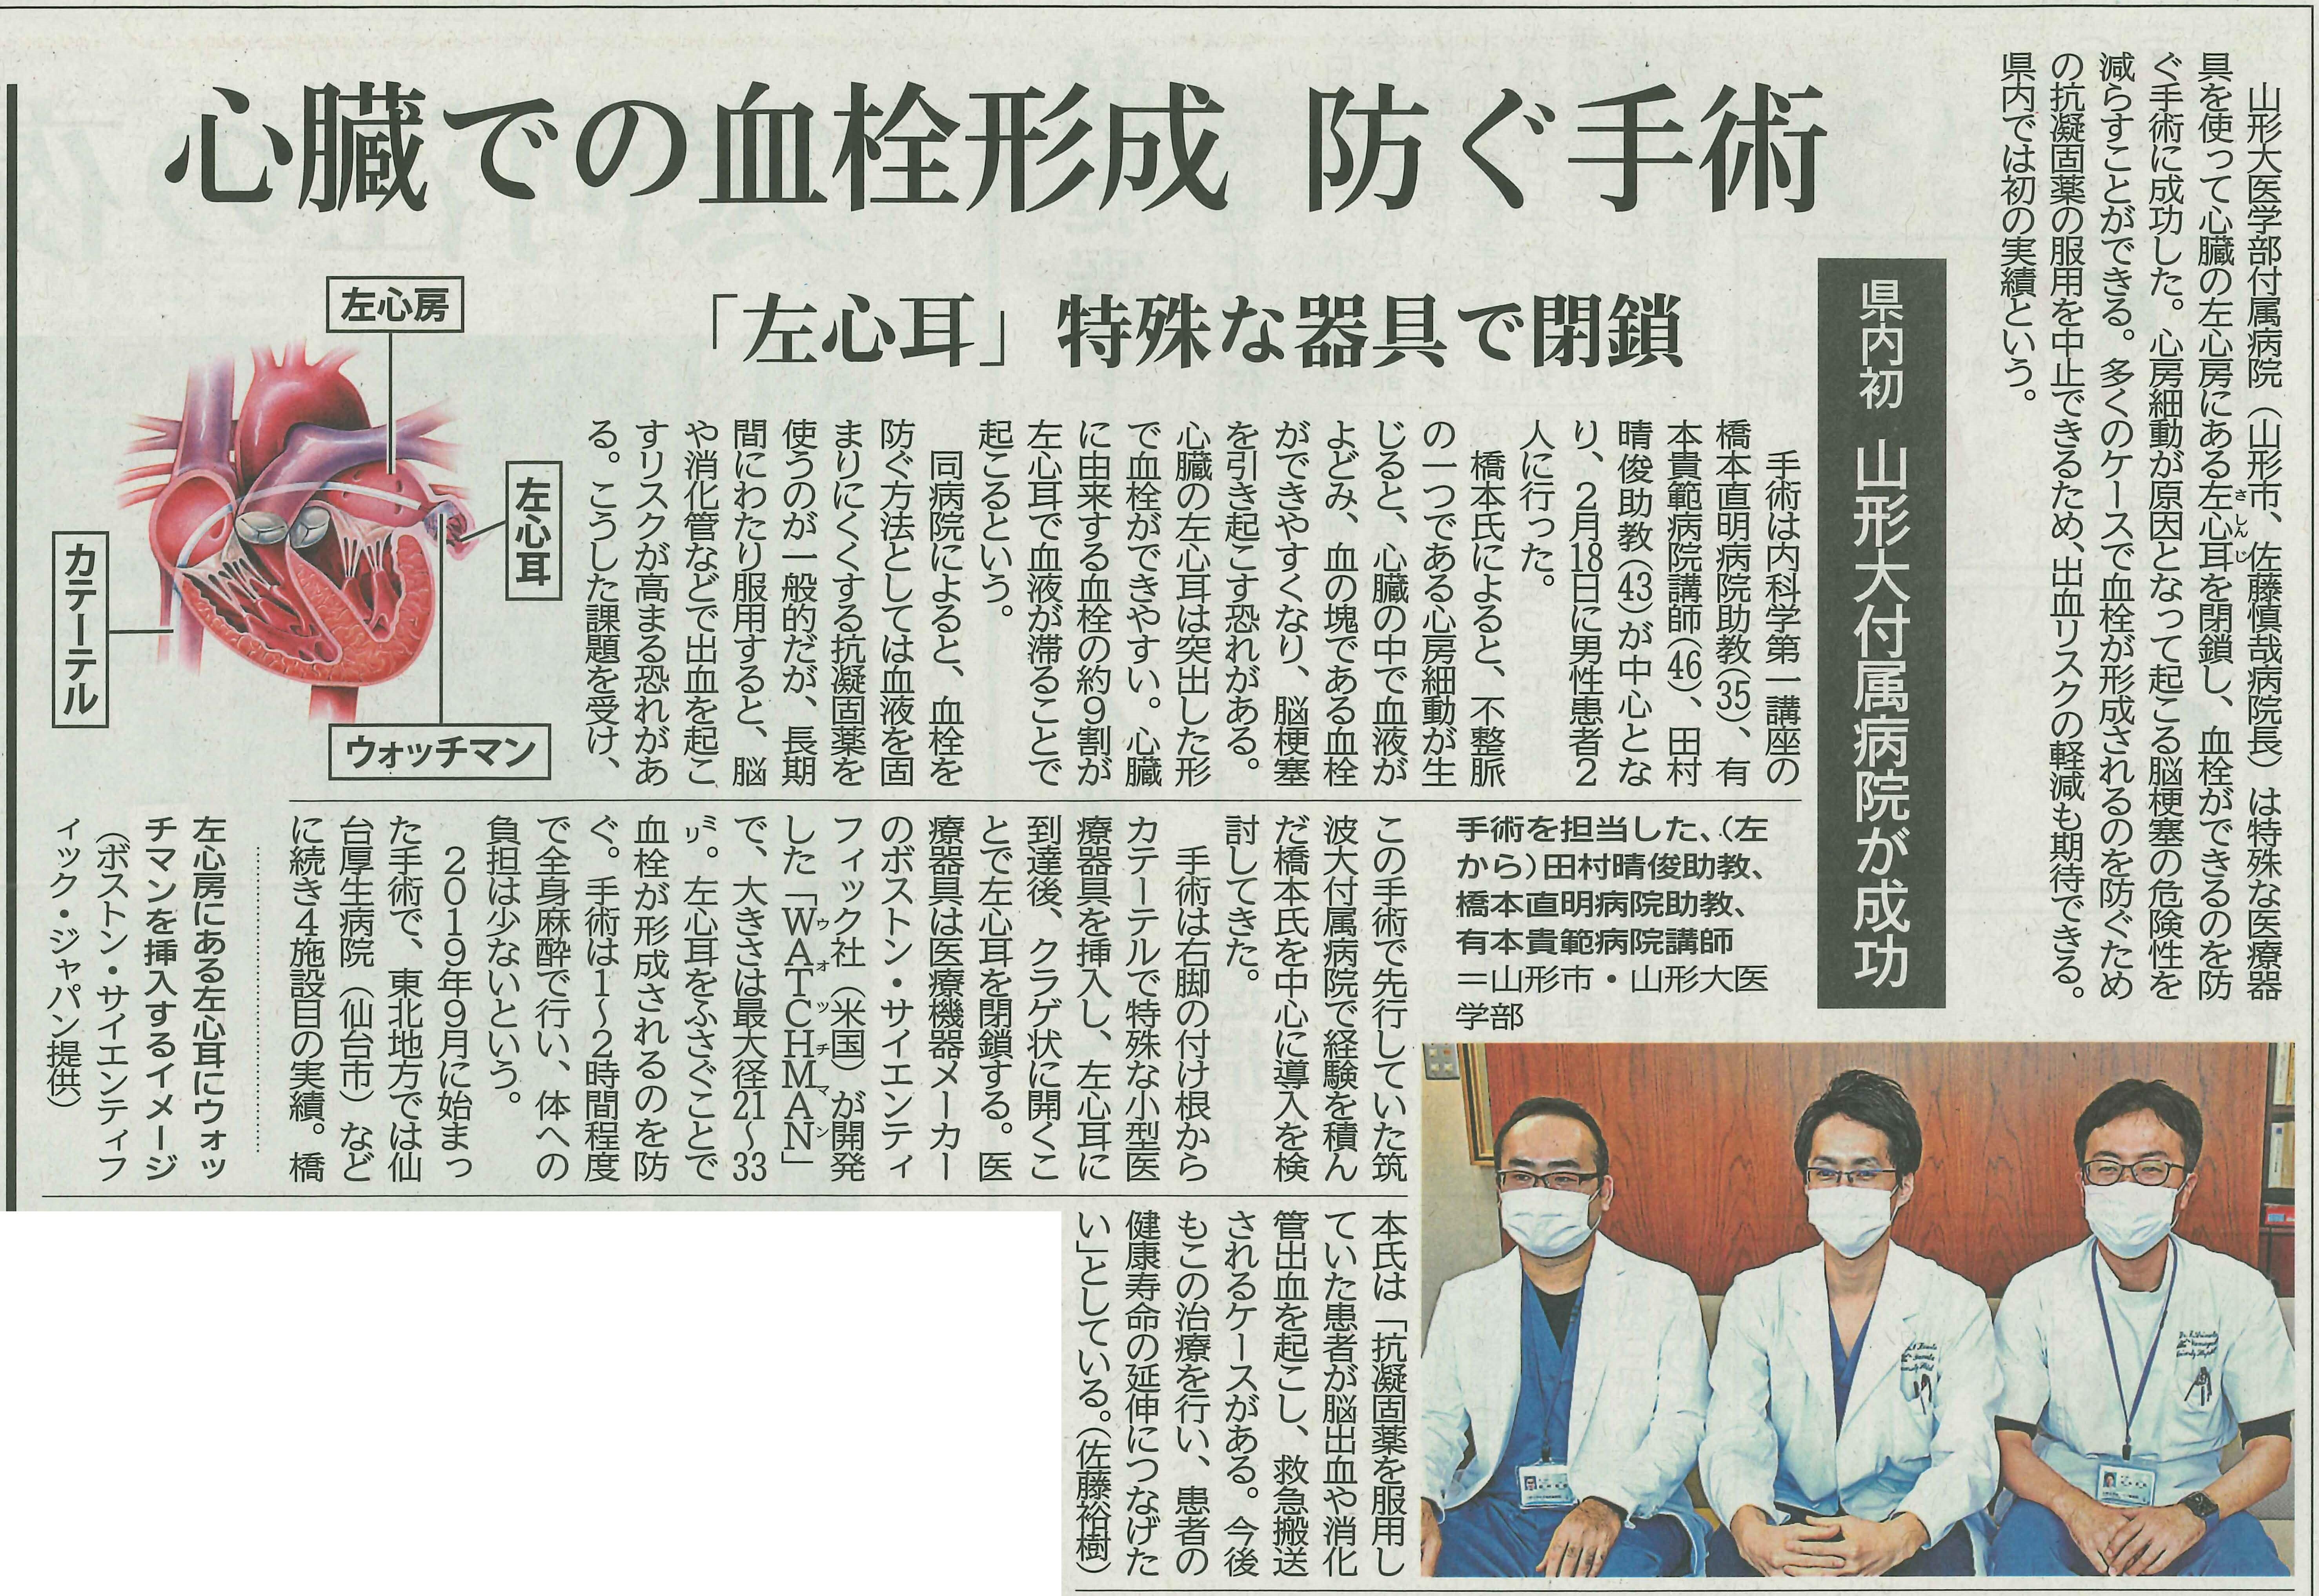 20210331山新(30)県内初 山形大付属病院が成功 心臓での血栓形成 防ぐ手術「左心耳」特殊な器具で閉鎖.jpg